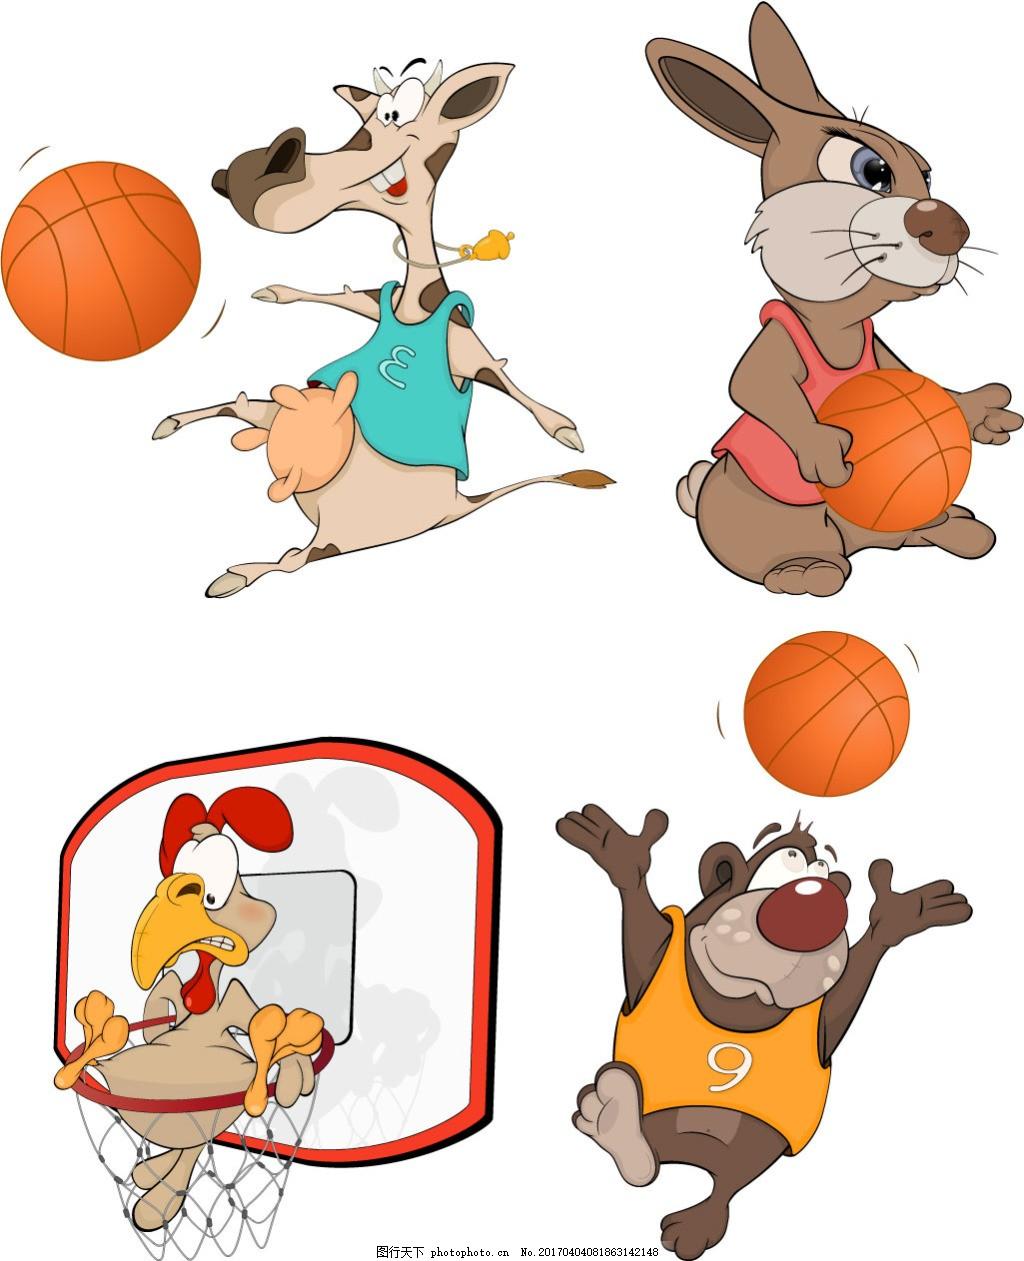 有趣的动物与篮球矢量素材